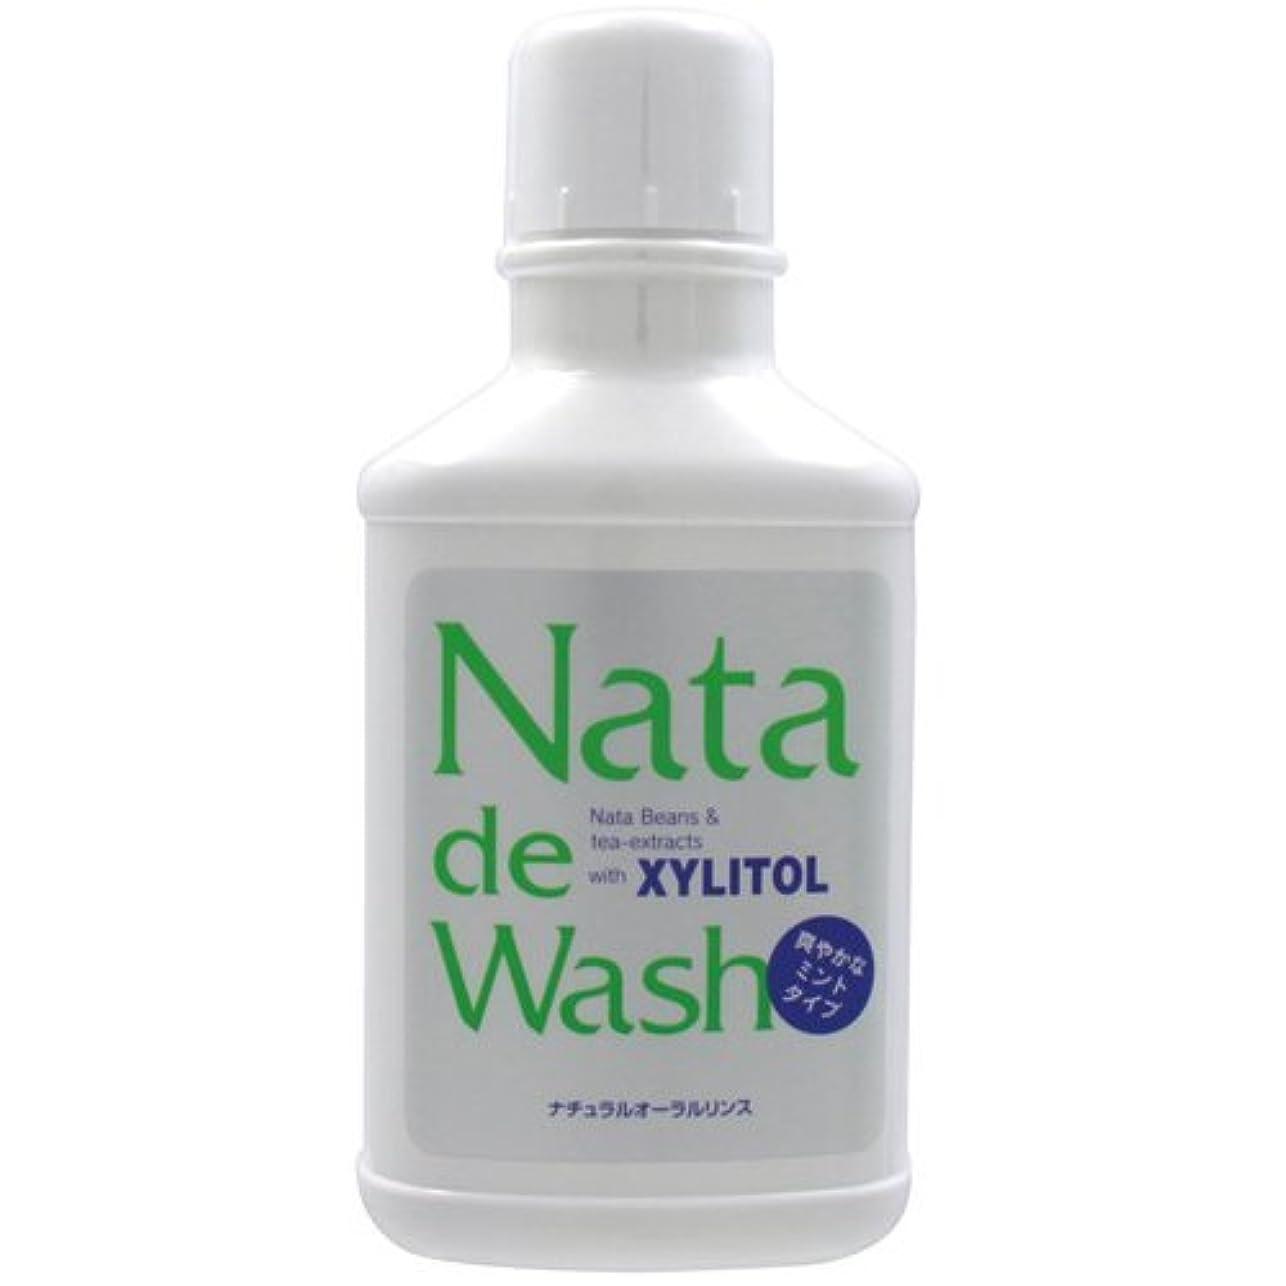 欲求不満形成浮くナタデウォッシュ 500ml 口臭予防 歯磨きの後にお勧め ナタデ ウォッシュ